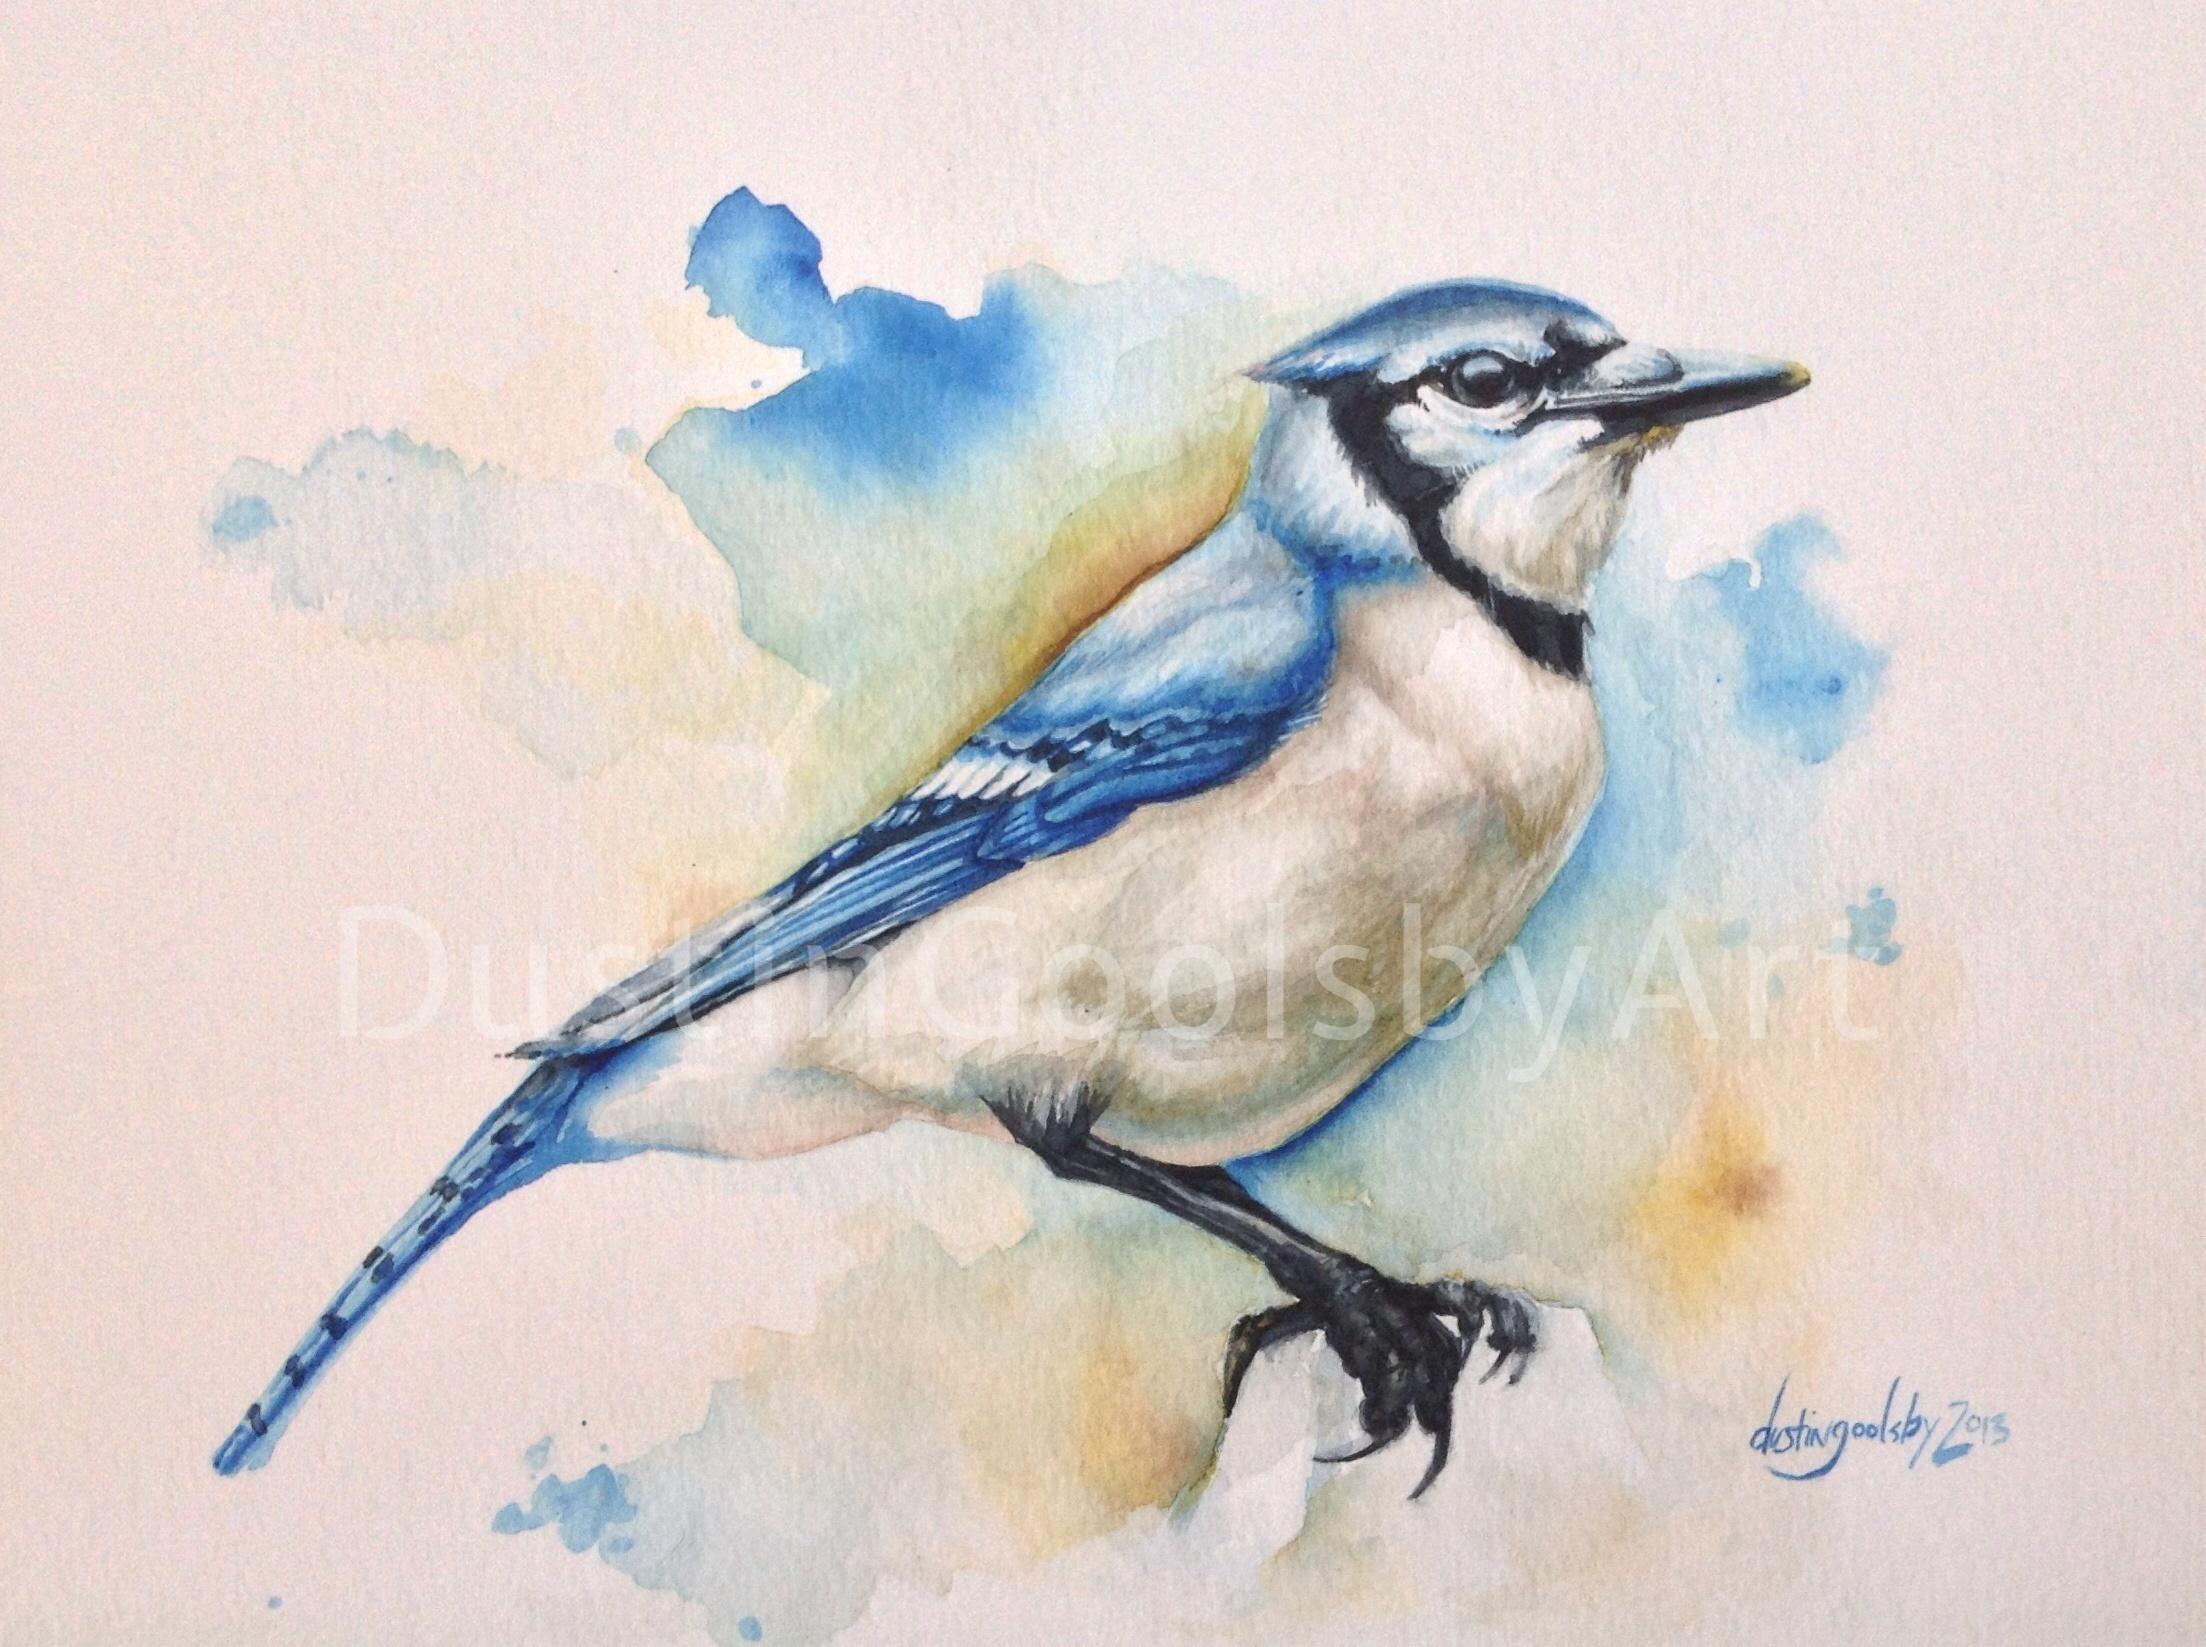 Watercolor-Bluejay-Dustin-Goolsby-Art.JPG